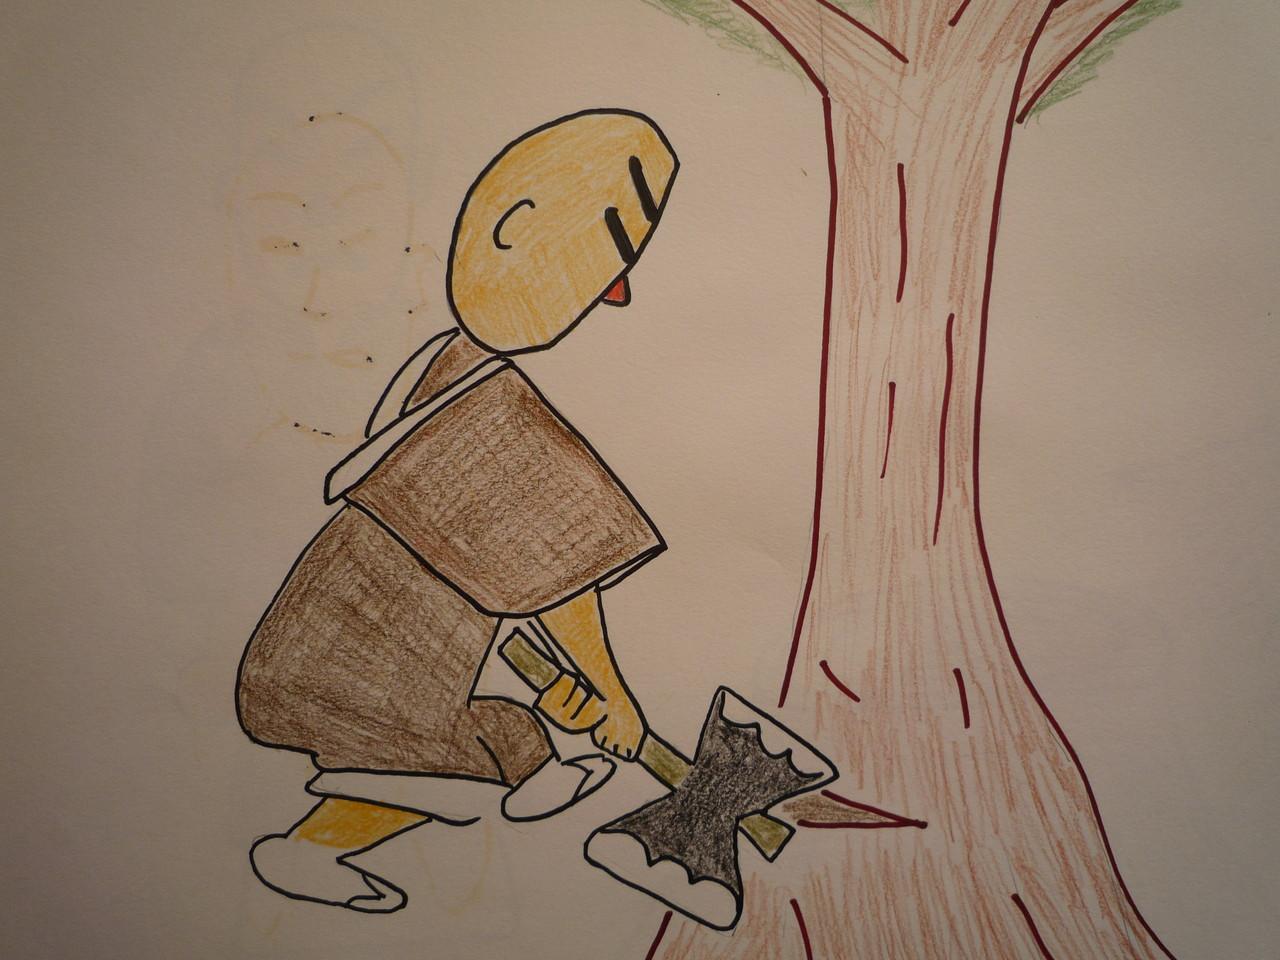 それが気にくわないので、榎木を切り倒しました。